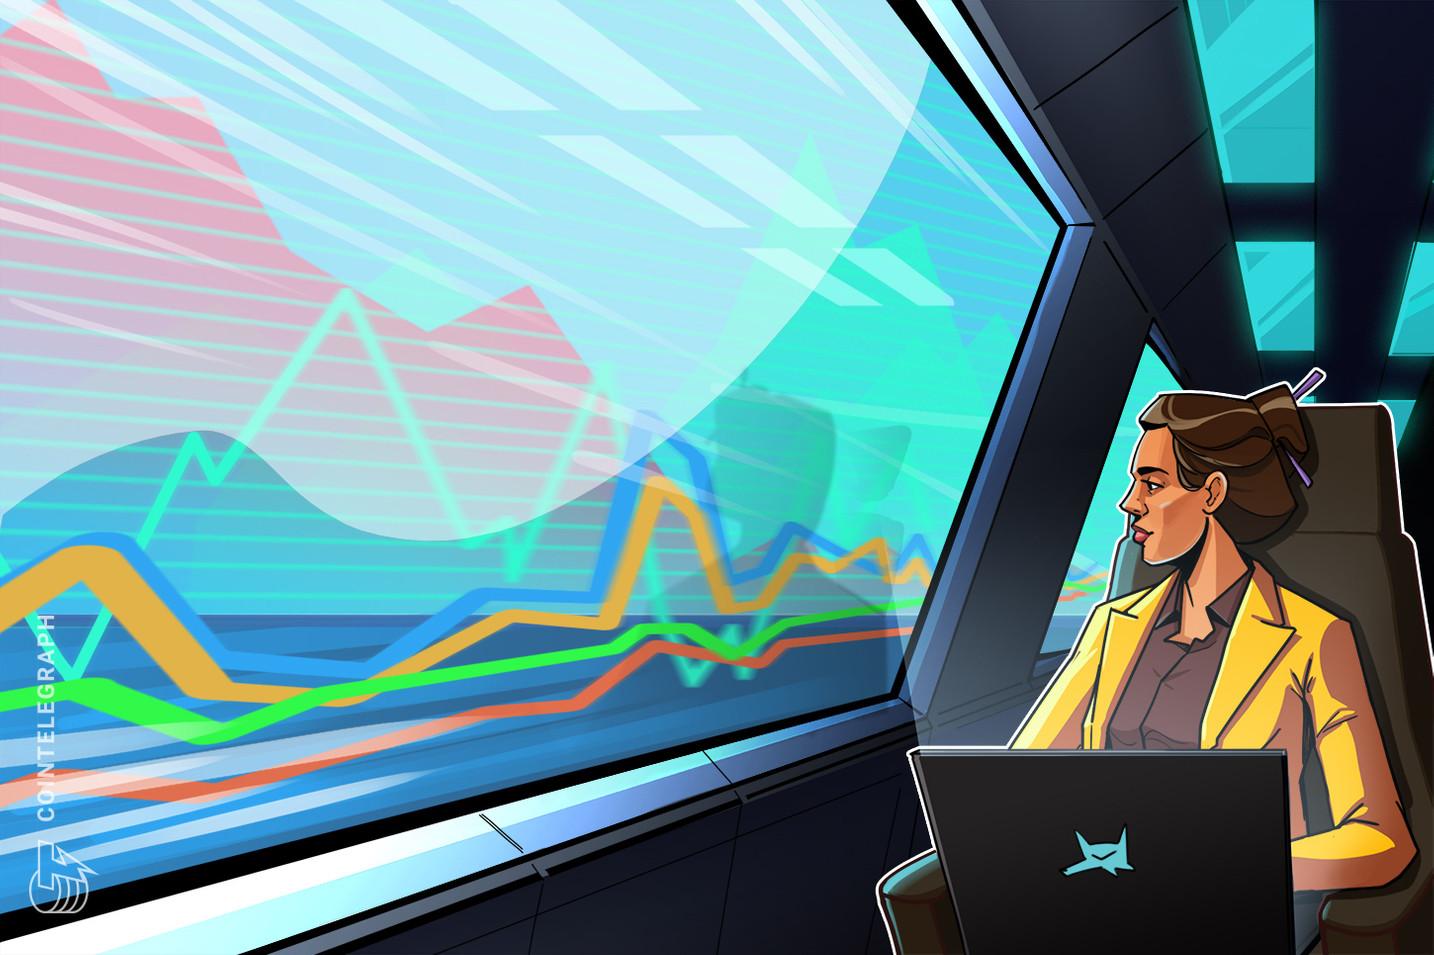 Las acciones de Robinhood superan a Bitcoin en la caída intradía, con una baja de más del 10% en el 'pre-market'